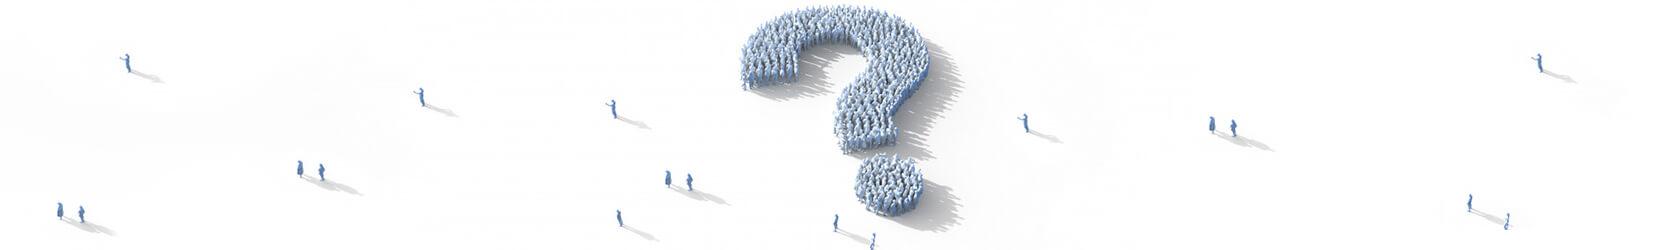 سوالات پر تکرار